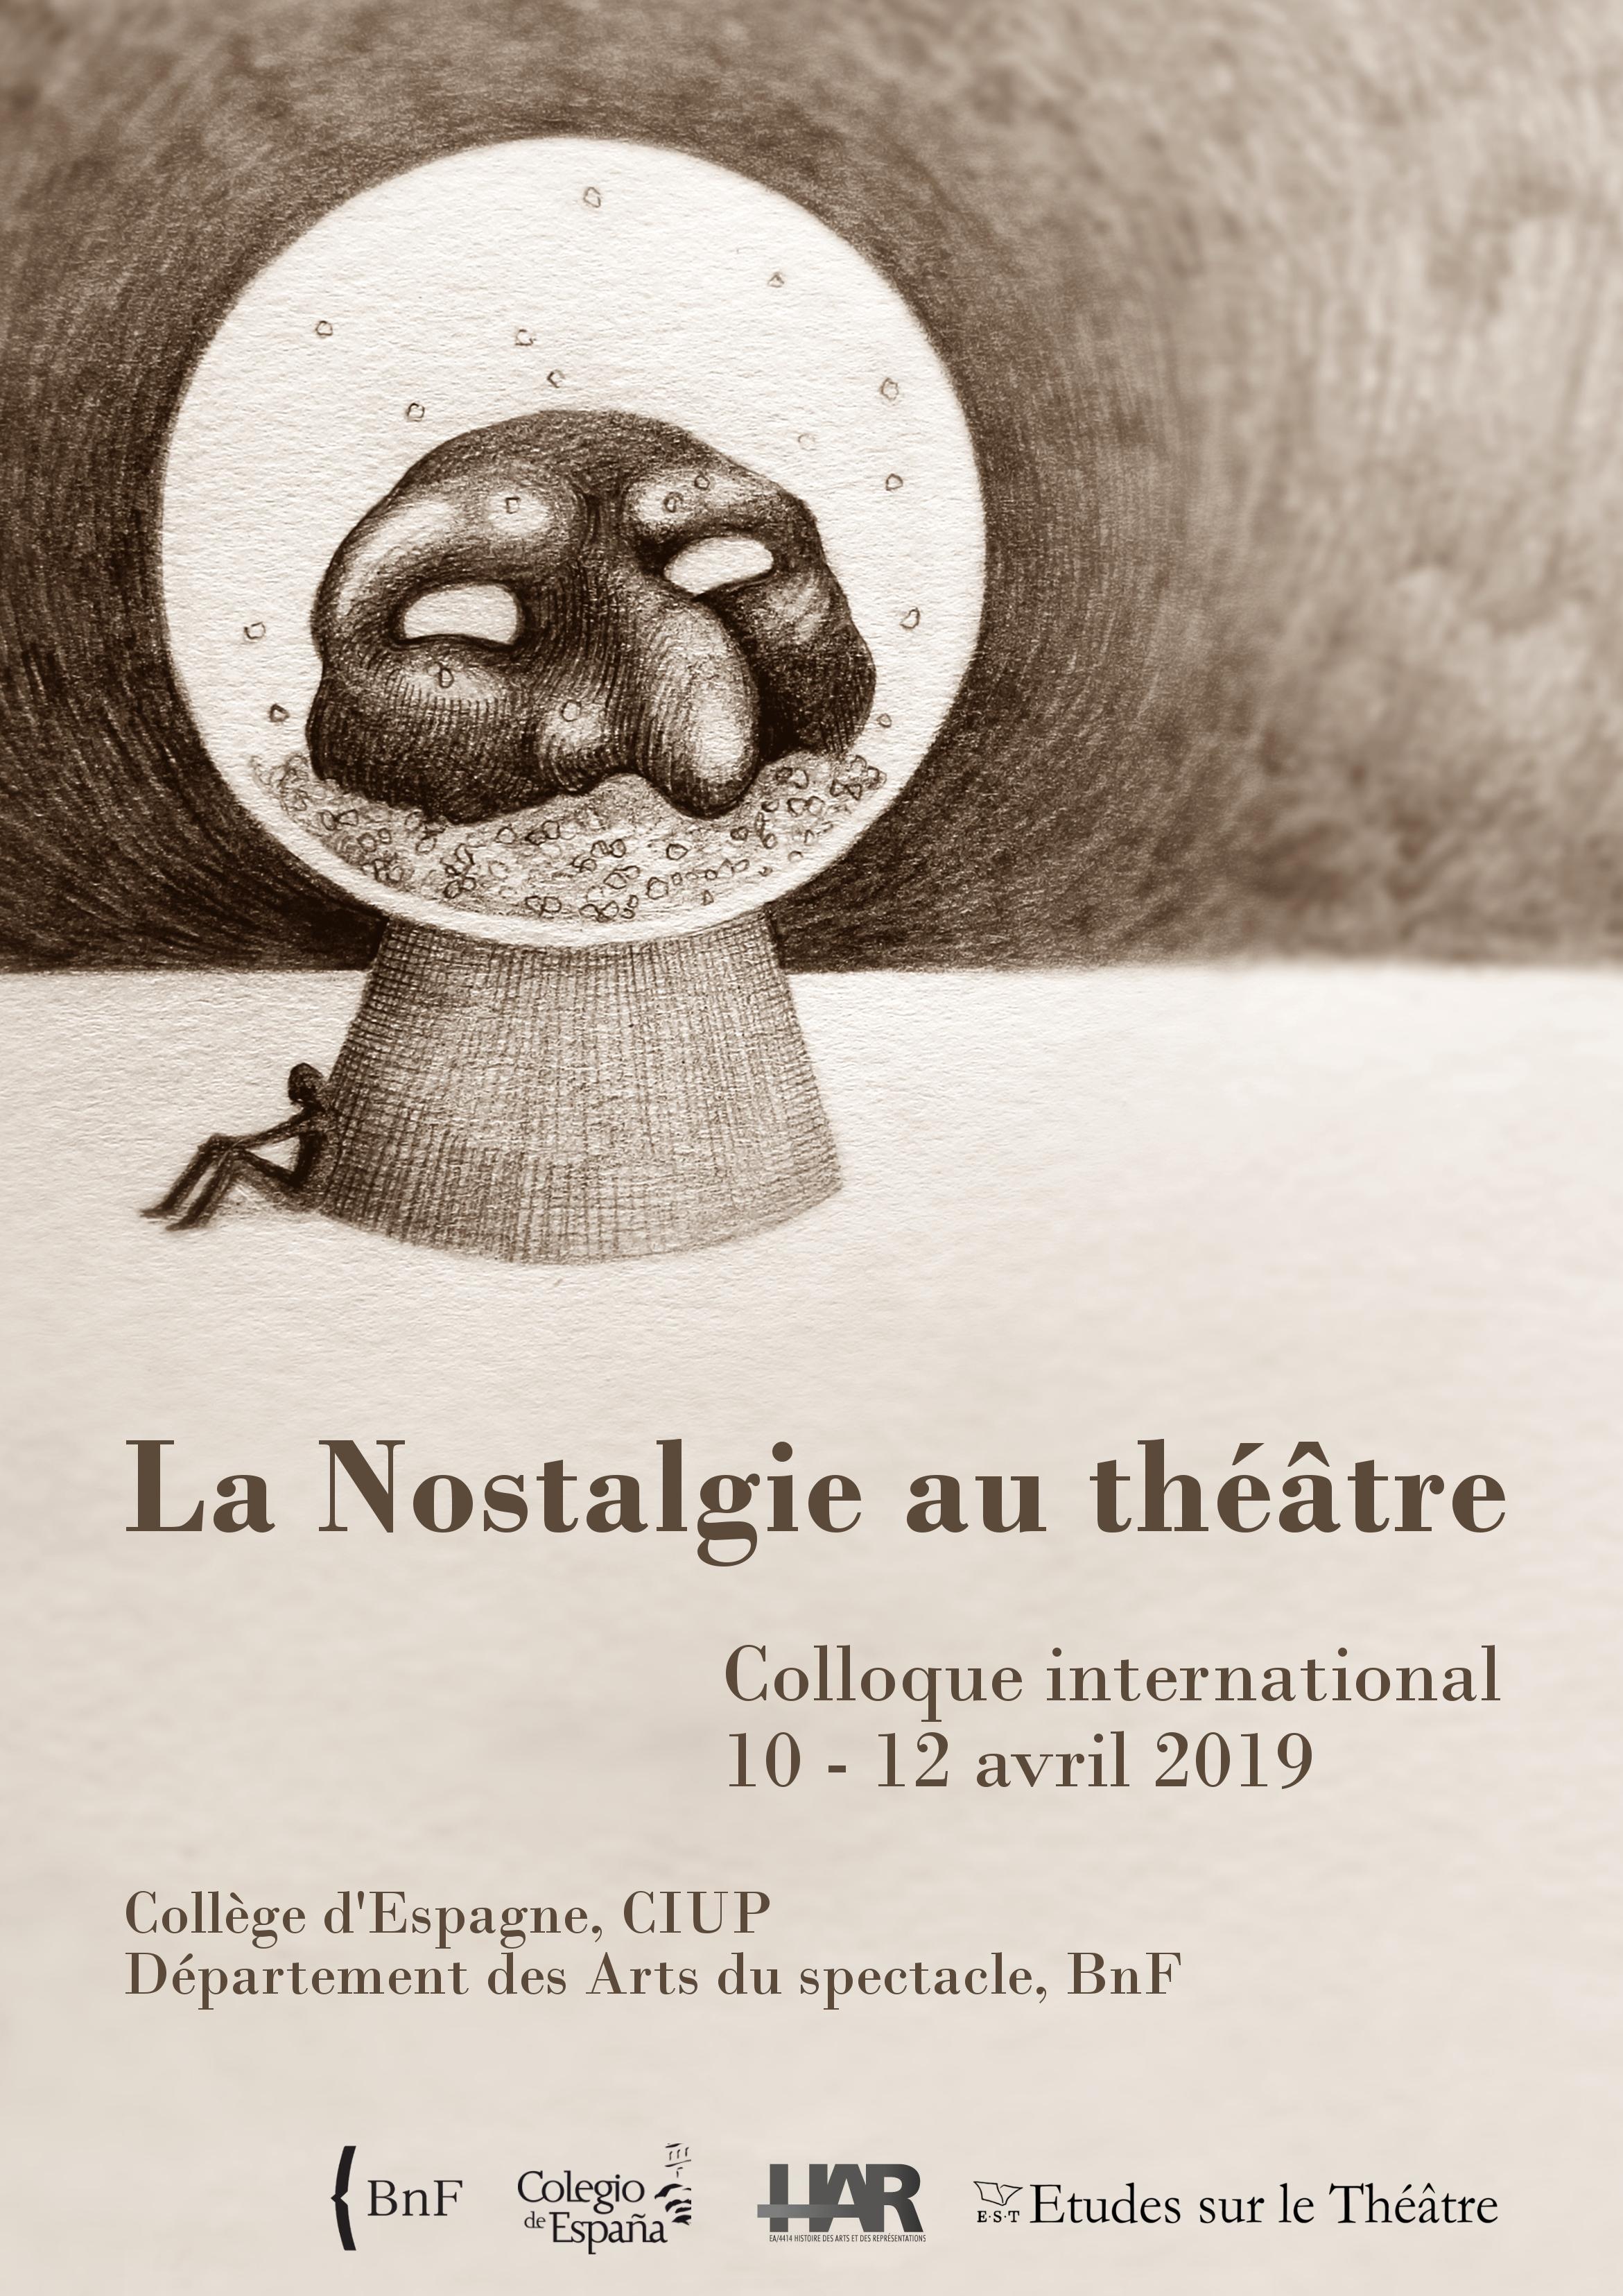 La nostalgie au théâtre (Paris)